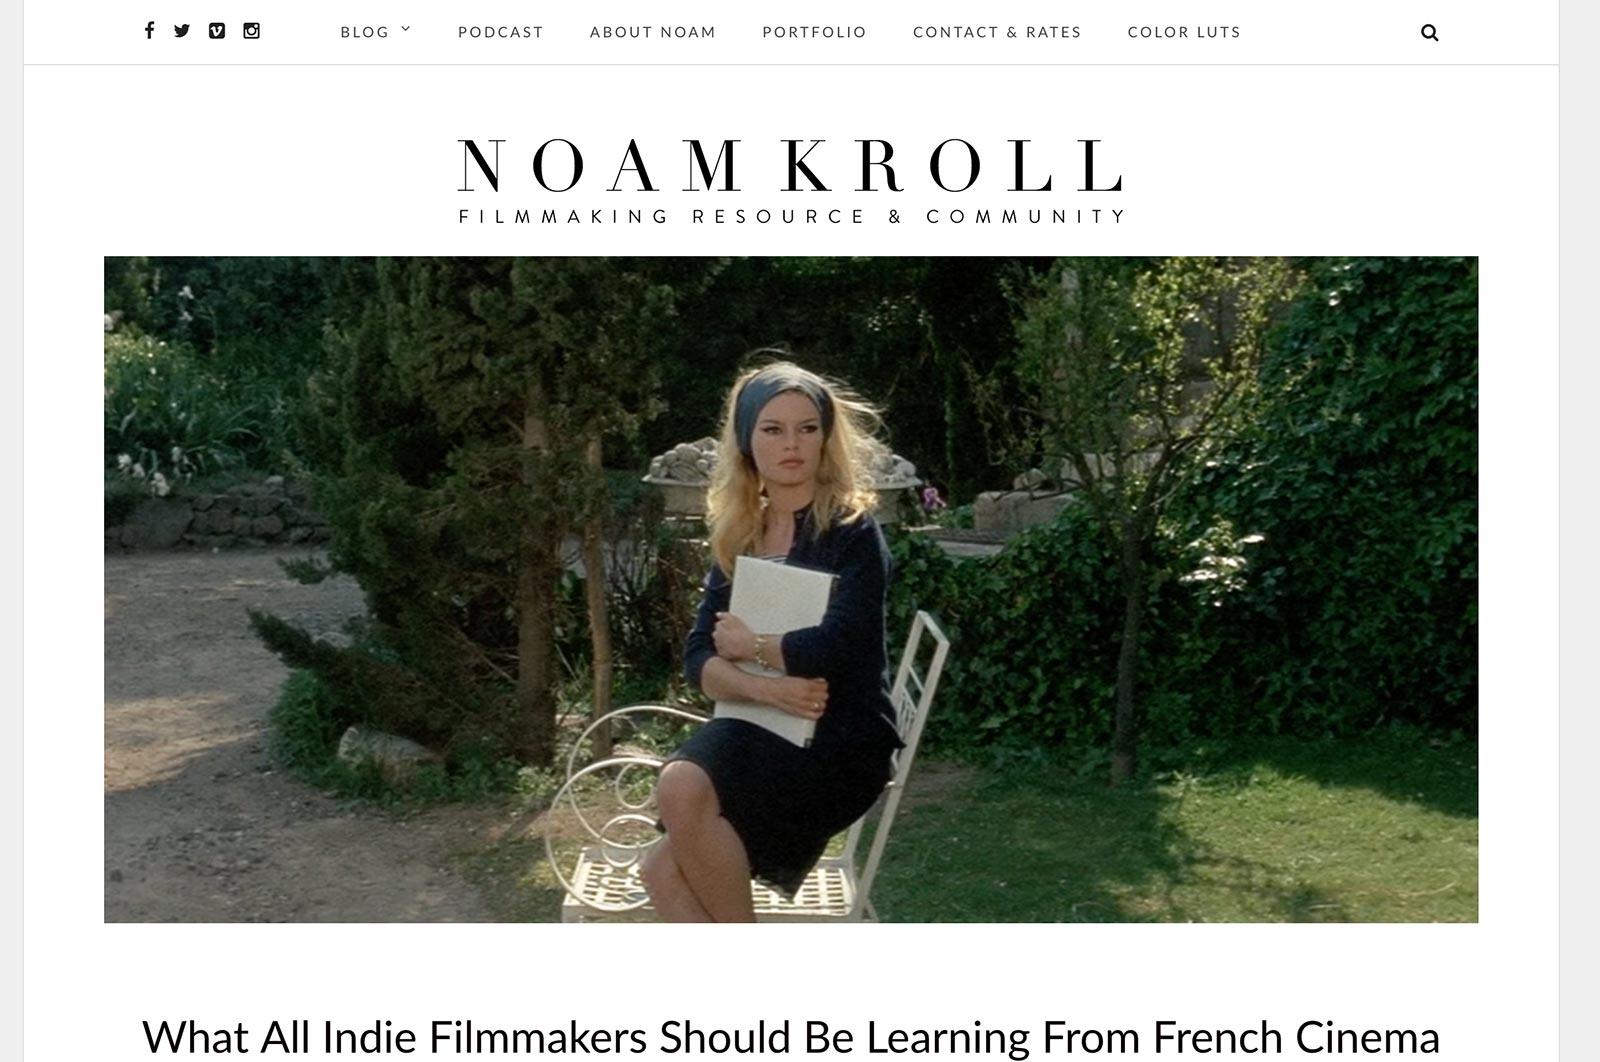 phim noam kroll và blog phân loại màu